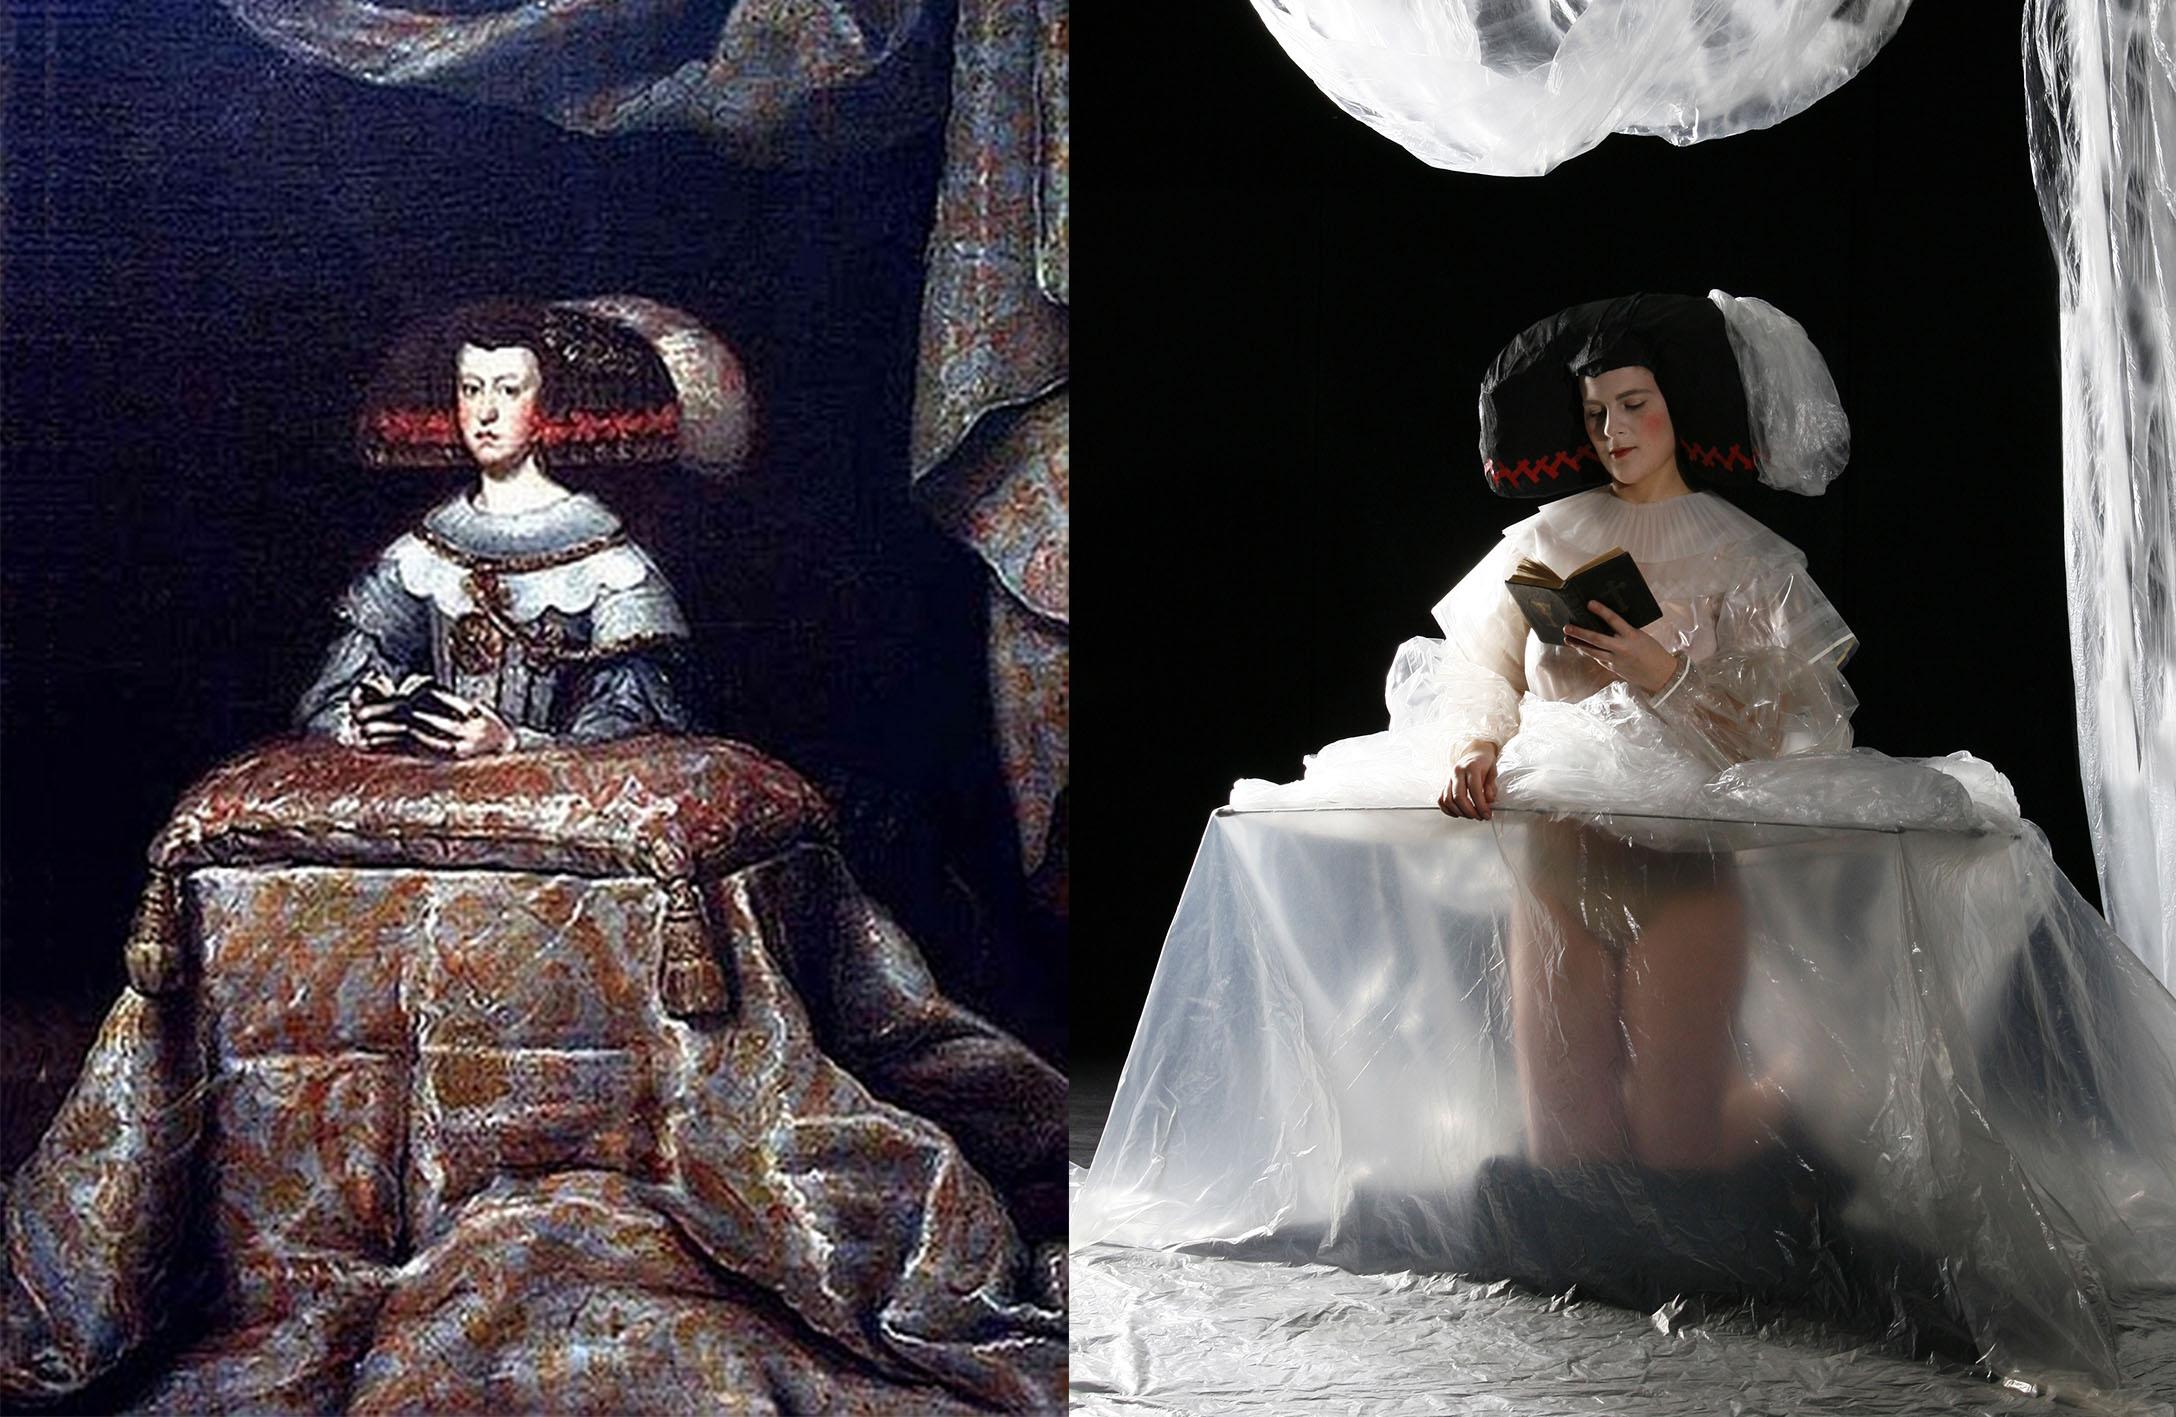 Diego Velazquez – Die betende Maria Anna von Oestereich1 a